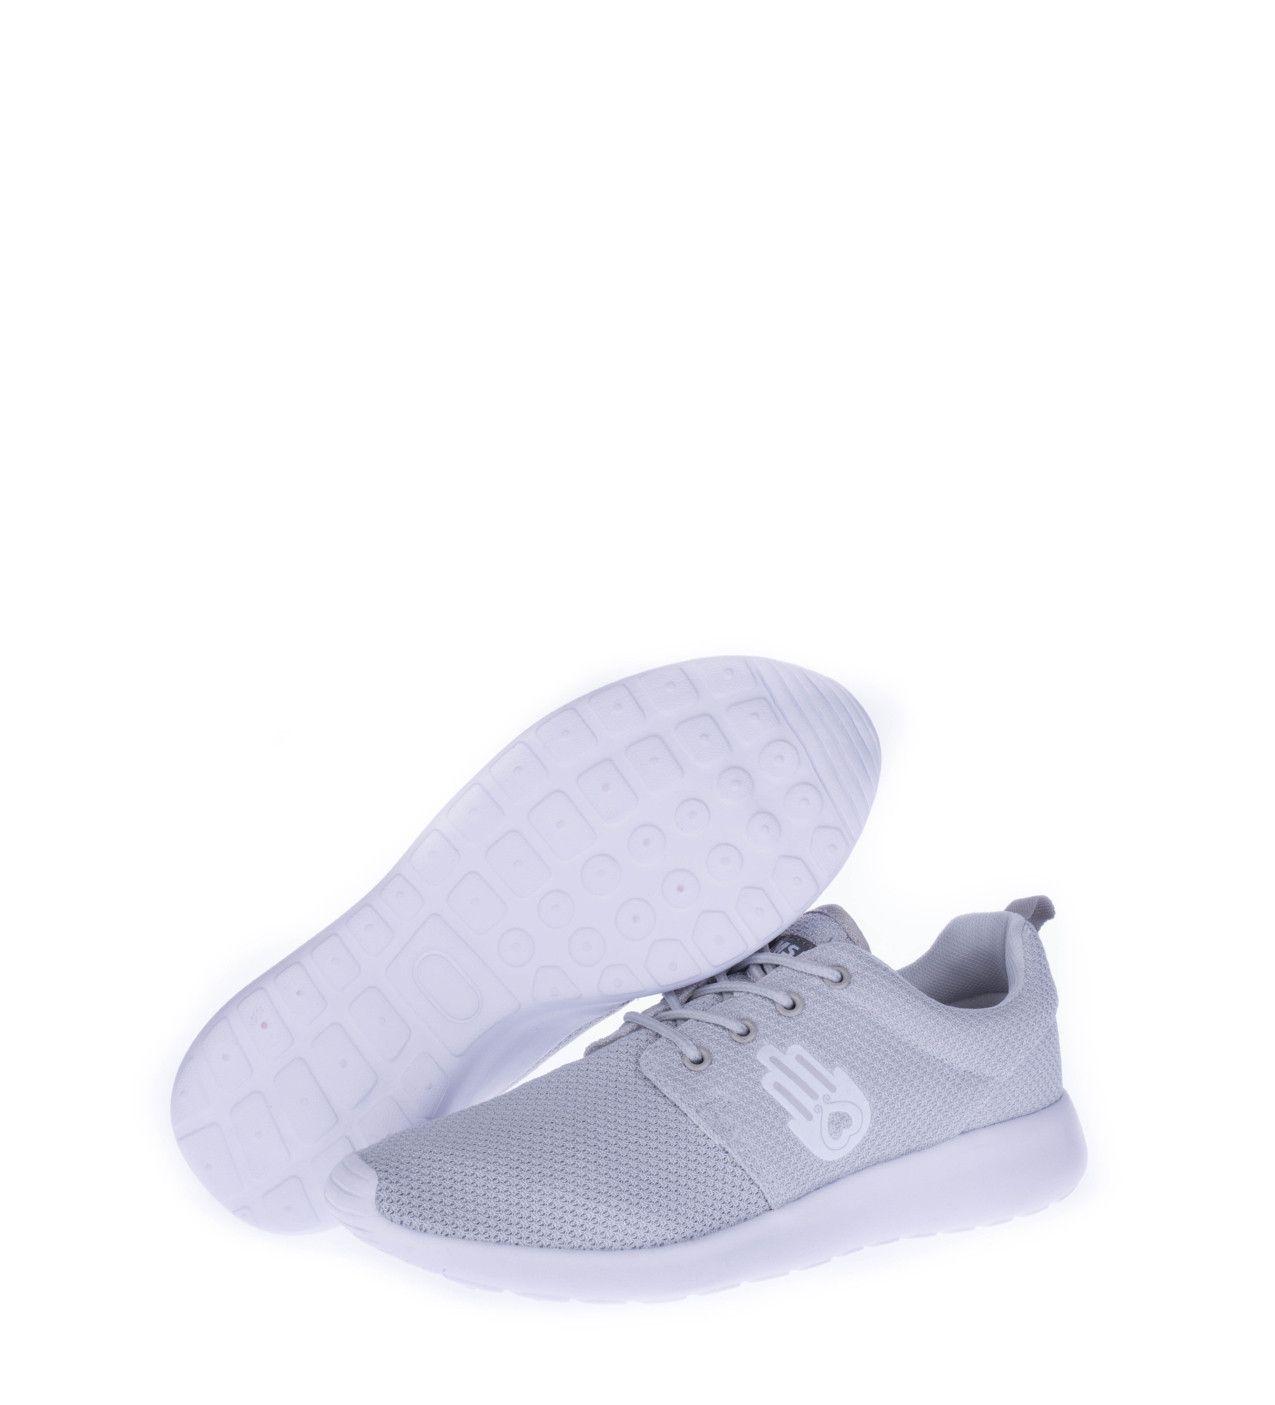 4653774447 Αθλητικά Παπούτσια Adidas · Γκρι Ανδρικά Casual Παπούτσια KAMSA  TP-M-SH03-0138-14 19